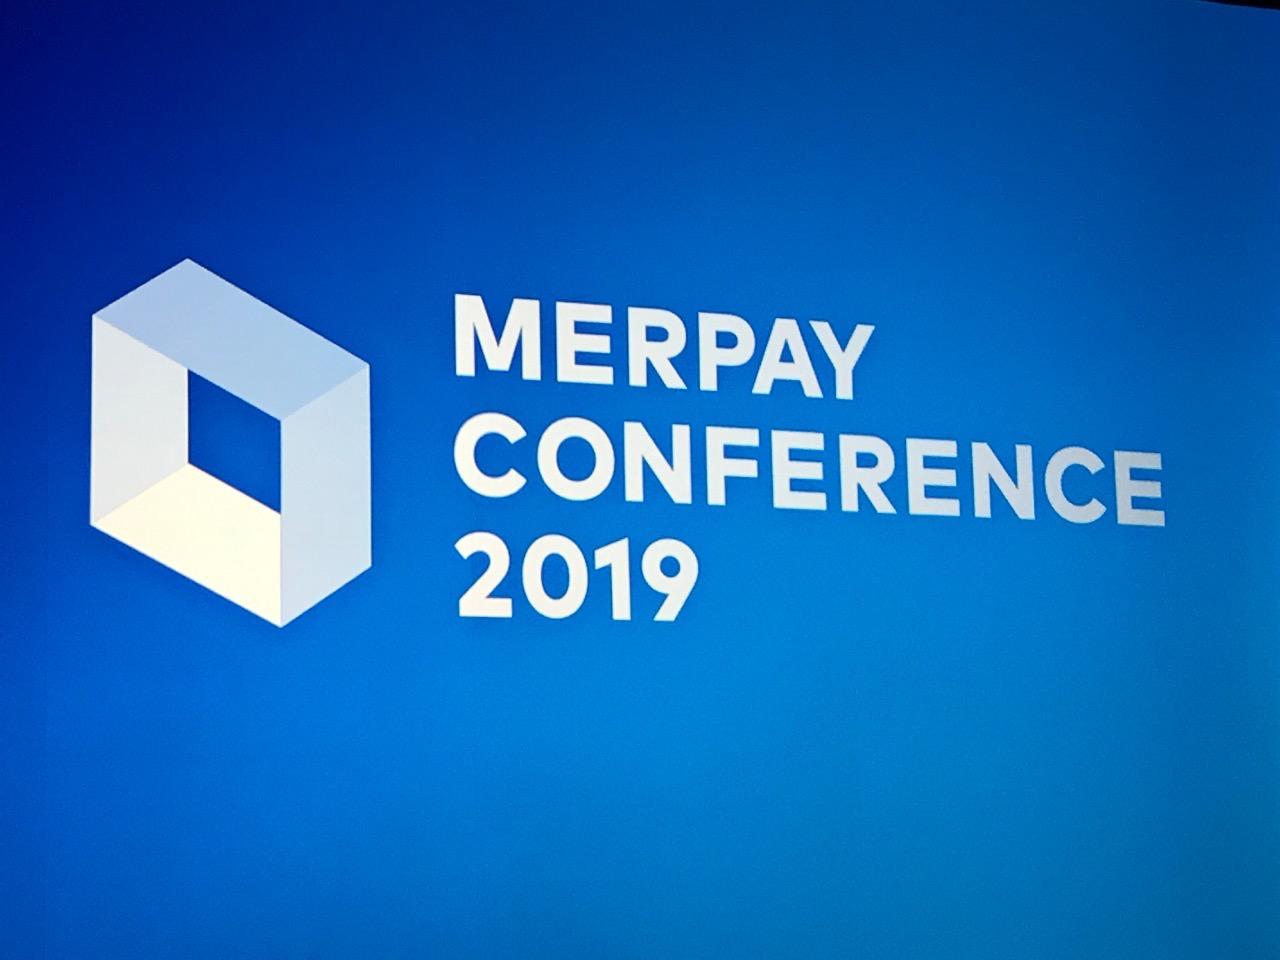 メルペイ カンファレンス 2019